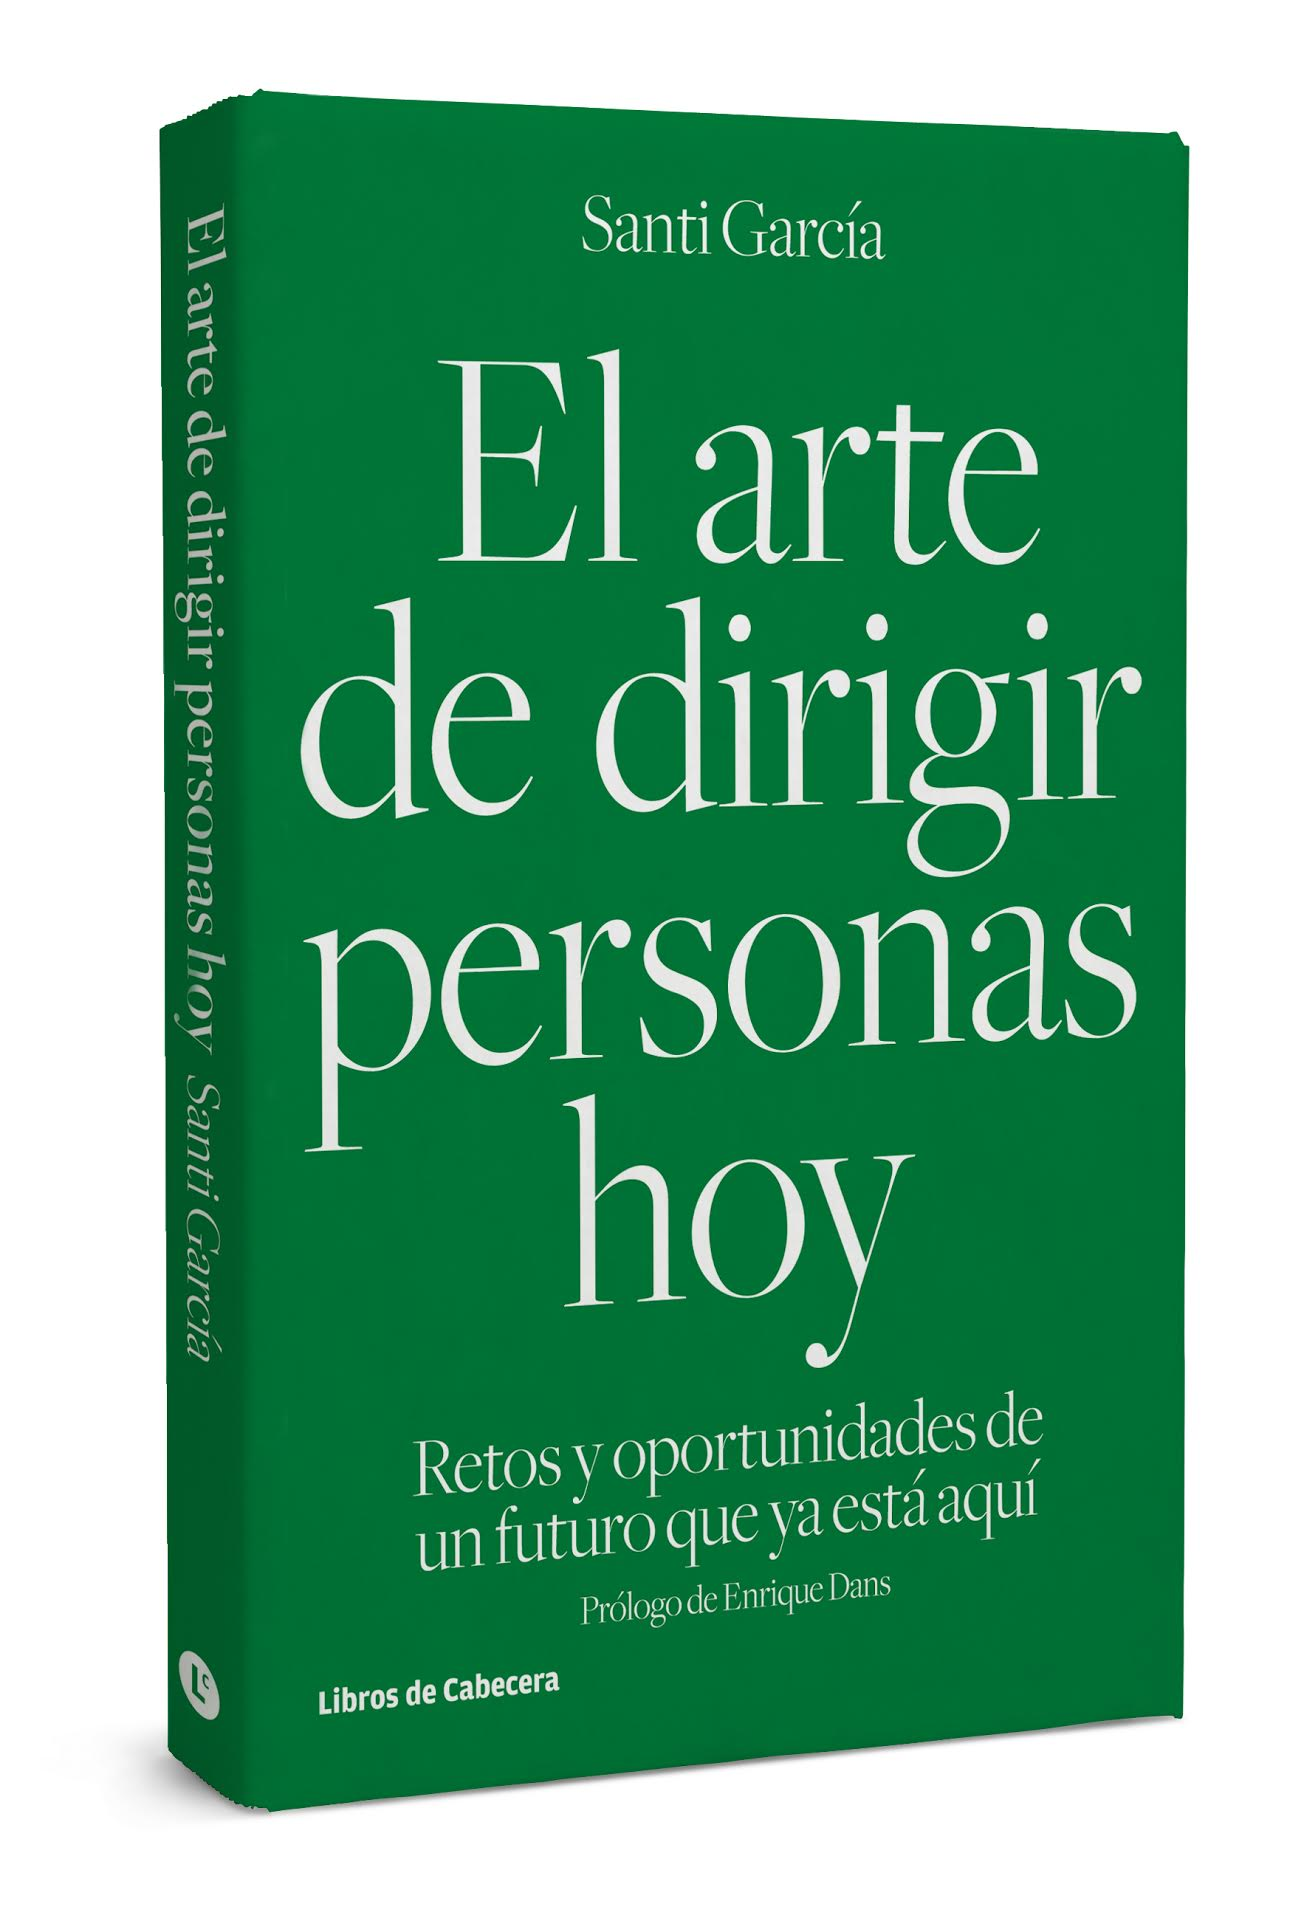 El arte de dirigir personas hoy - Santi García